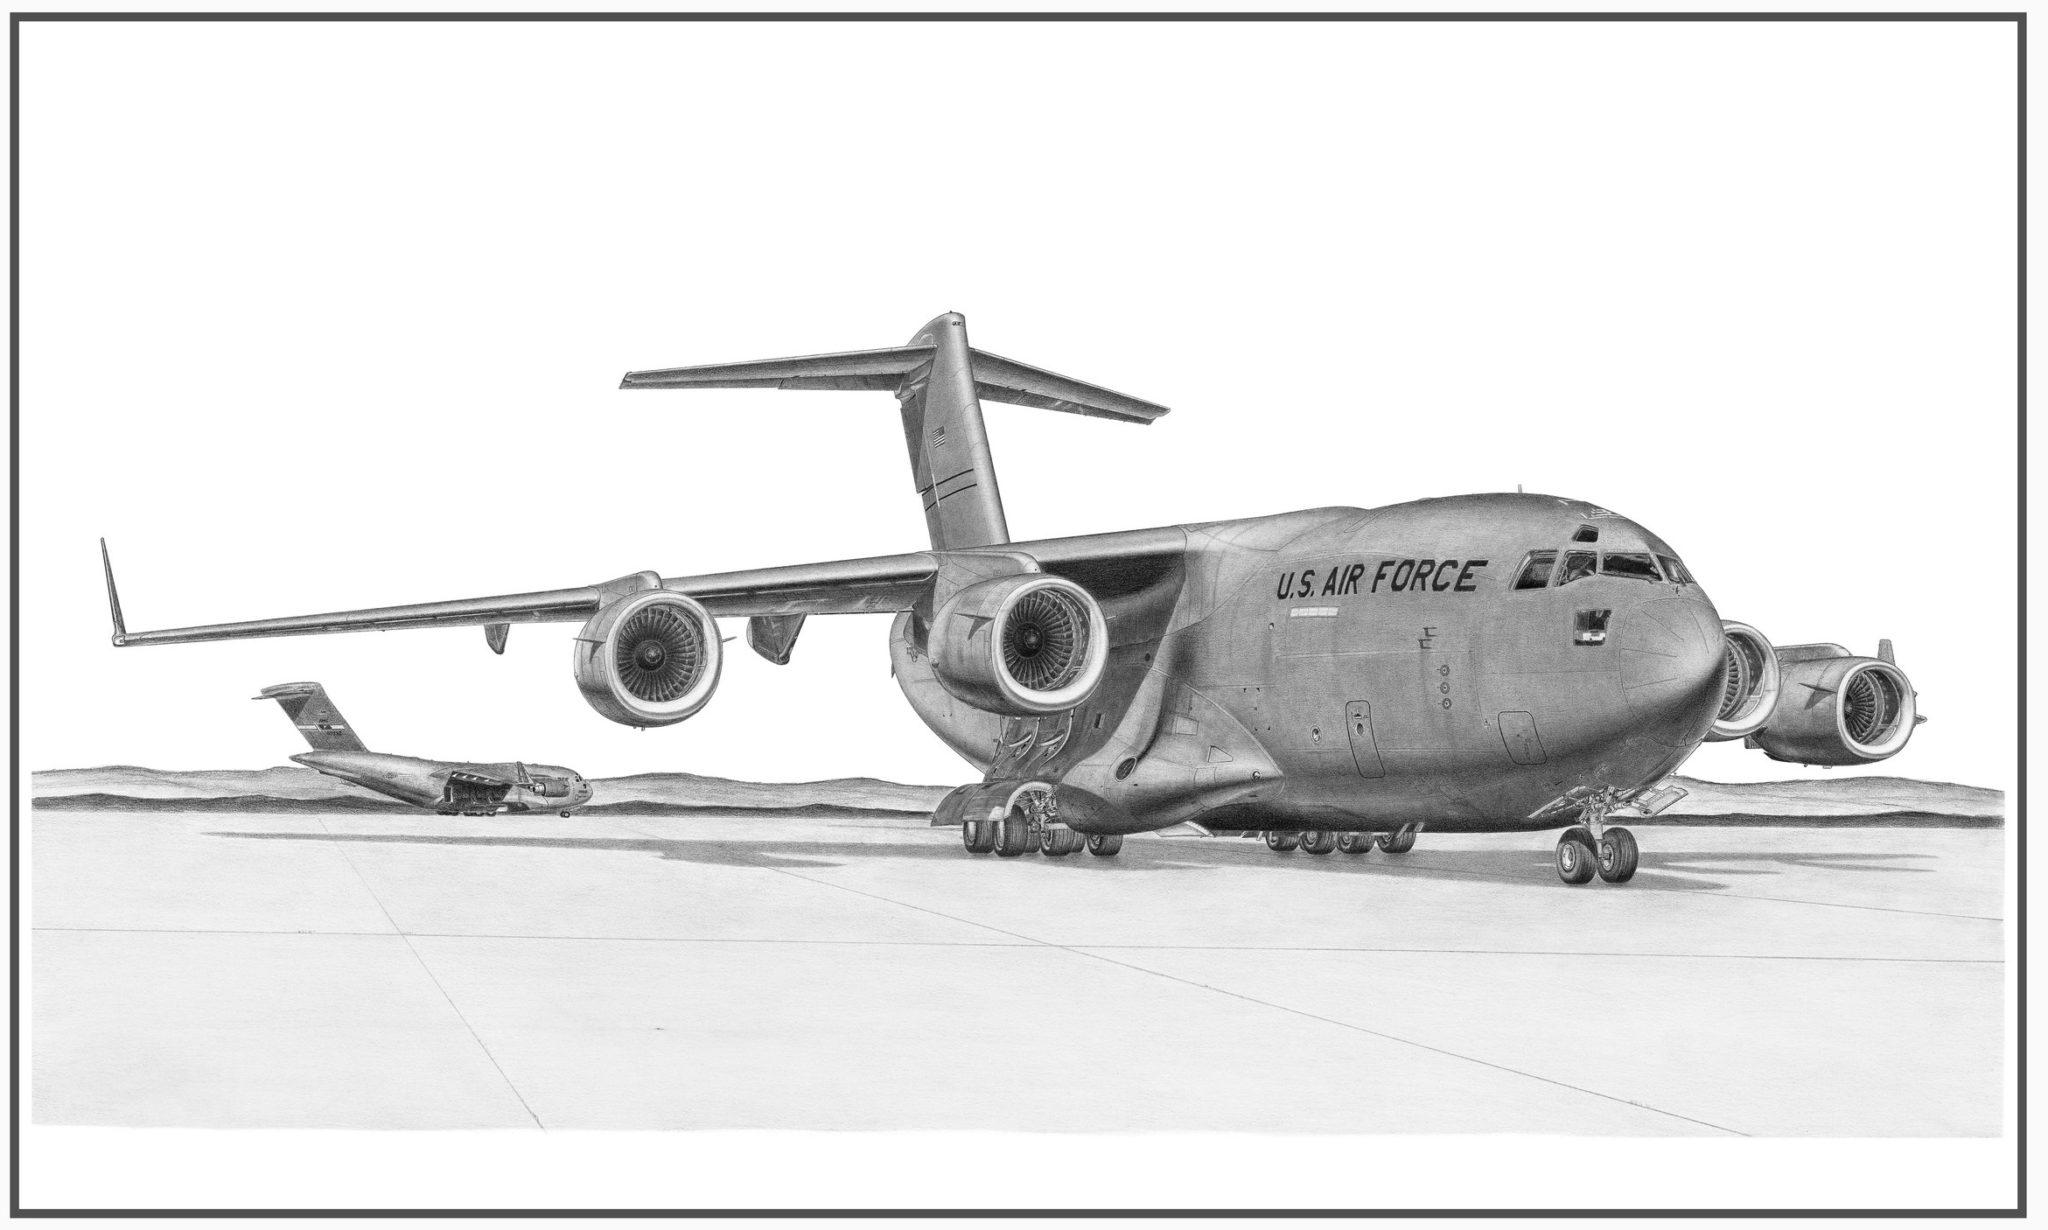 C-17 Globemaster III Doug Kinsley print 1